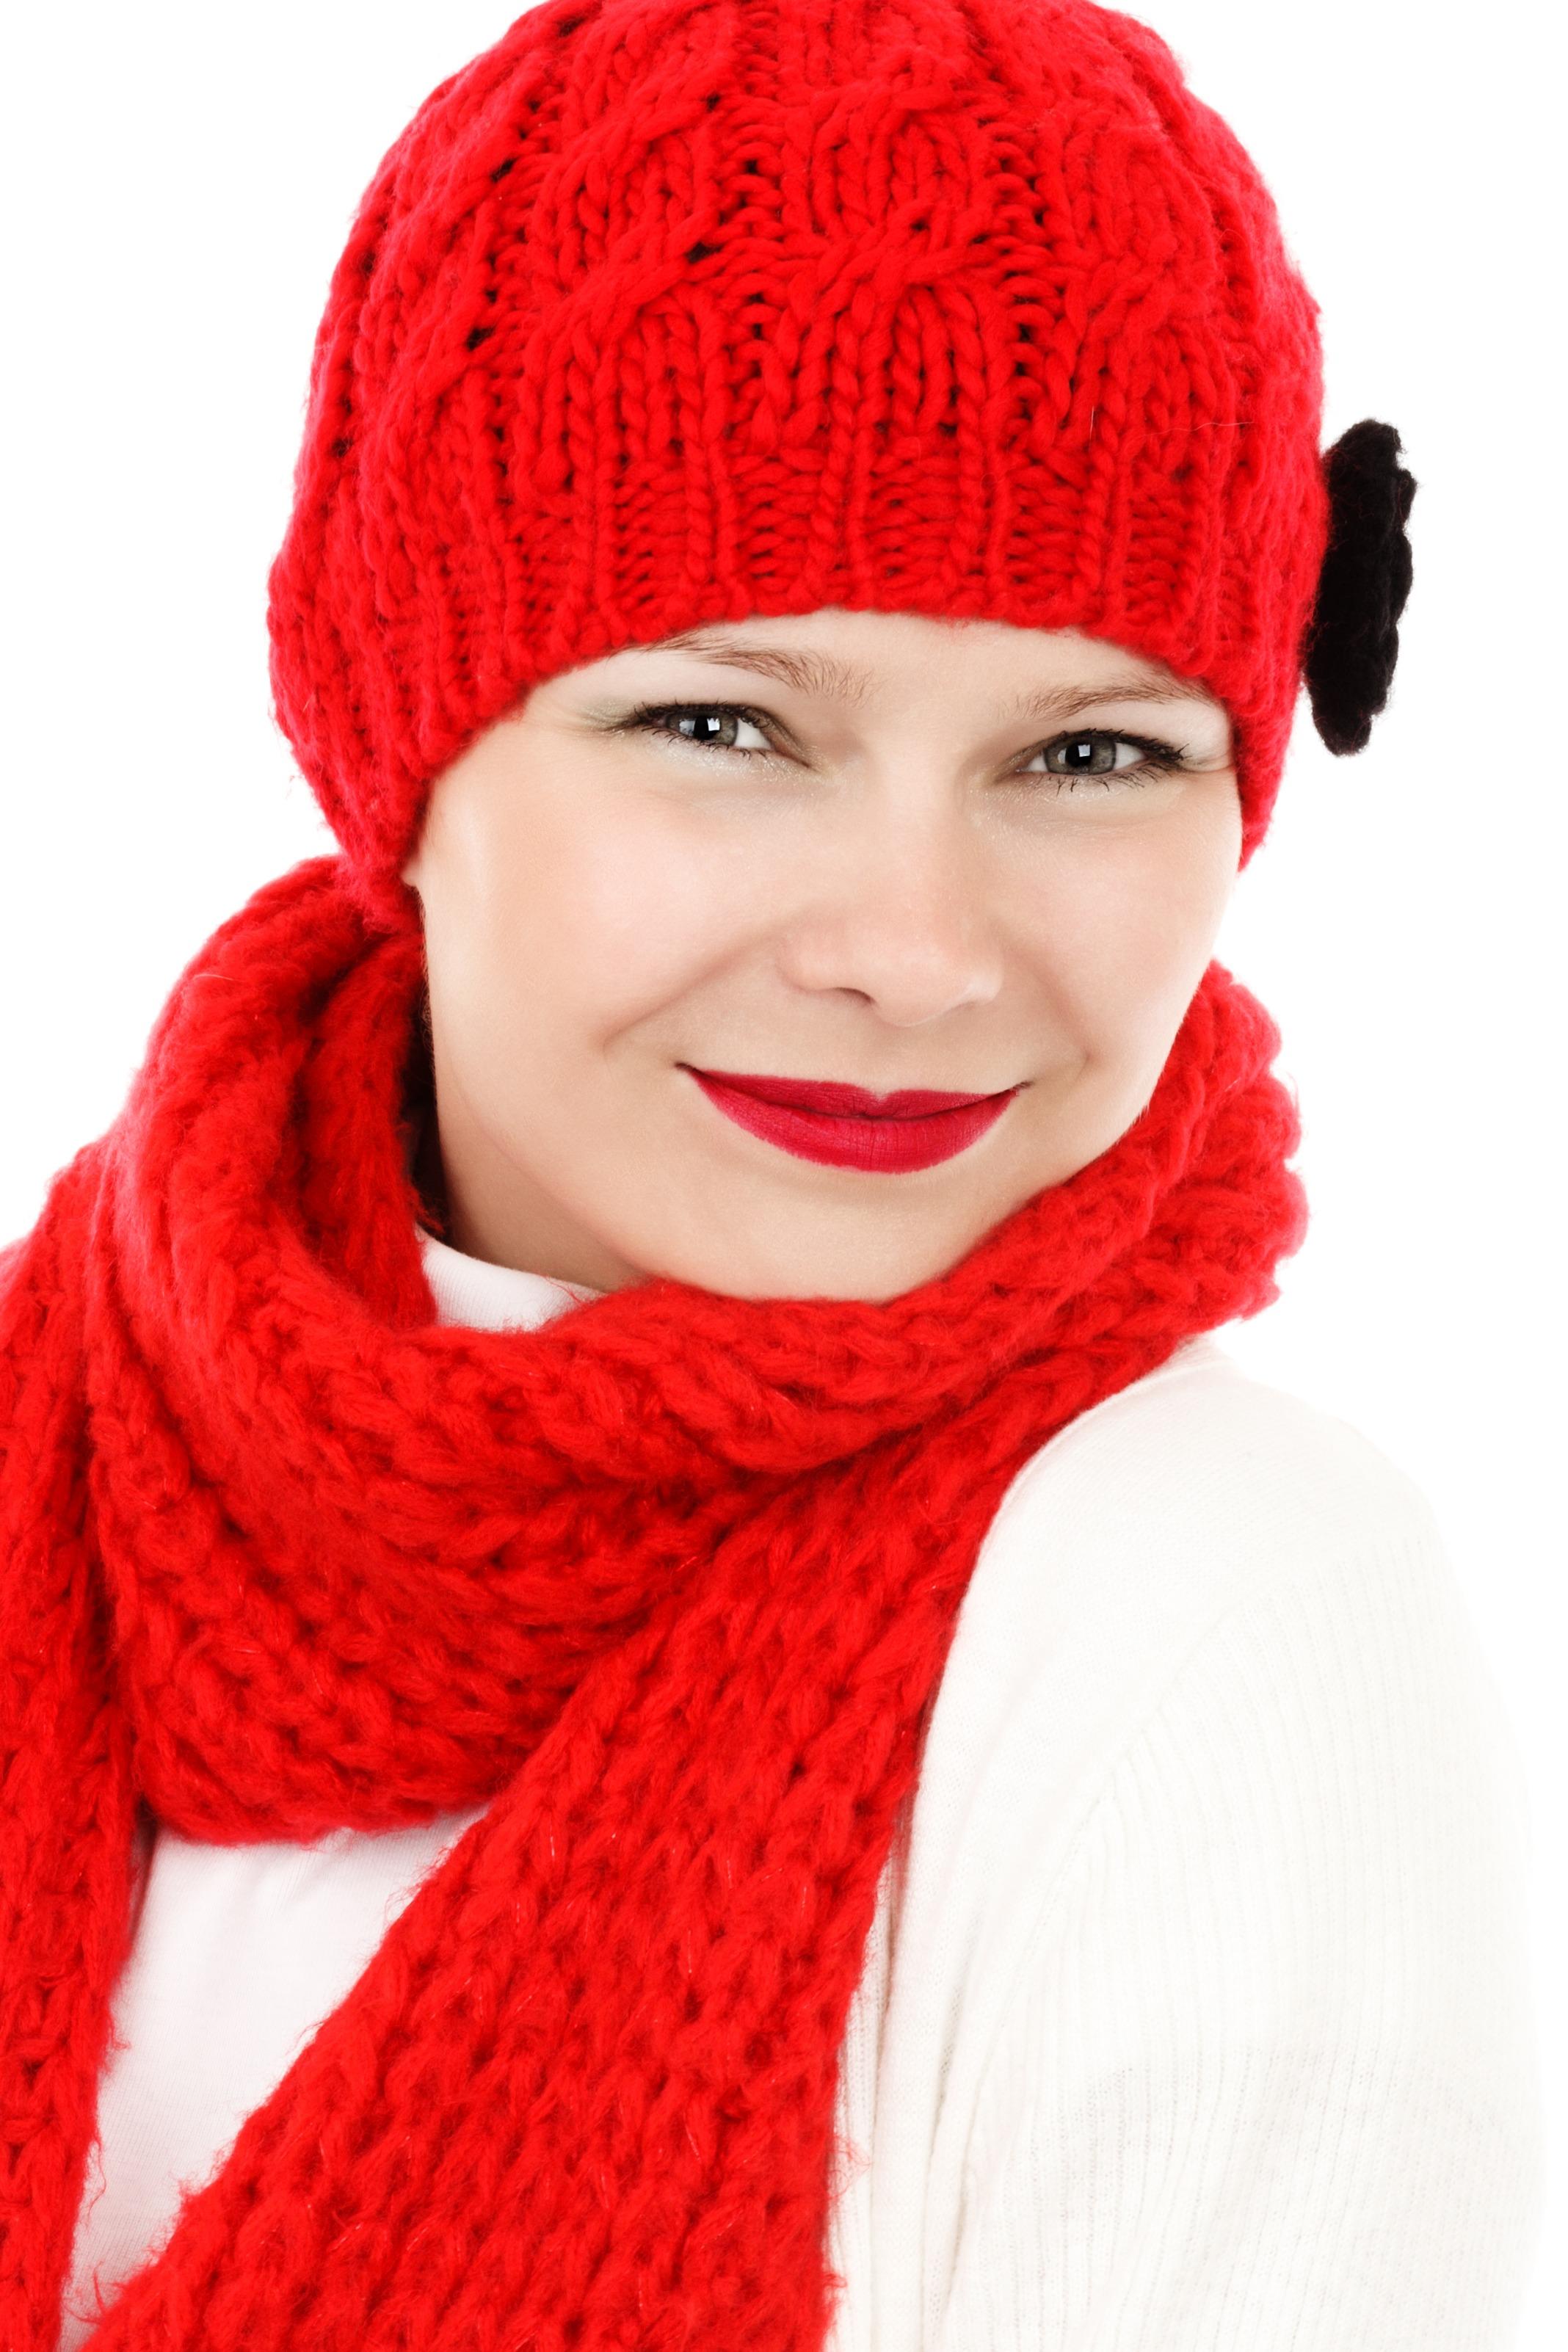 selección premium e189a 7c3c6 Fotos gratis : persona, invierno, gente, niña, mujer ...